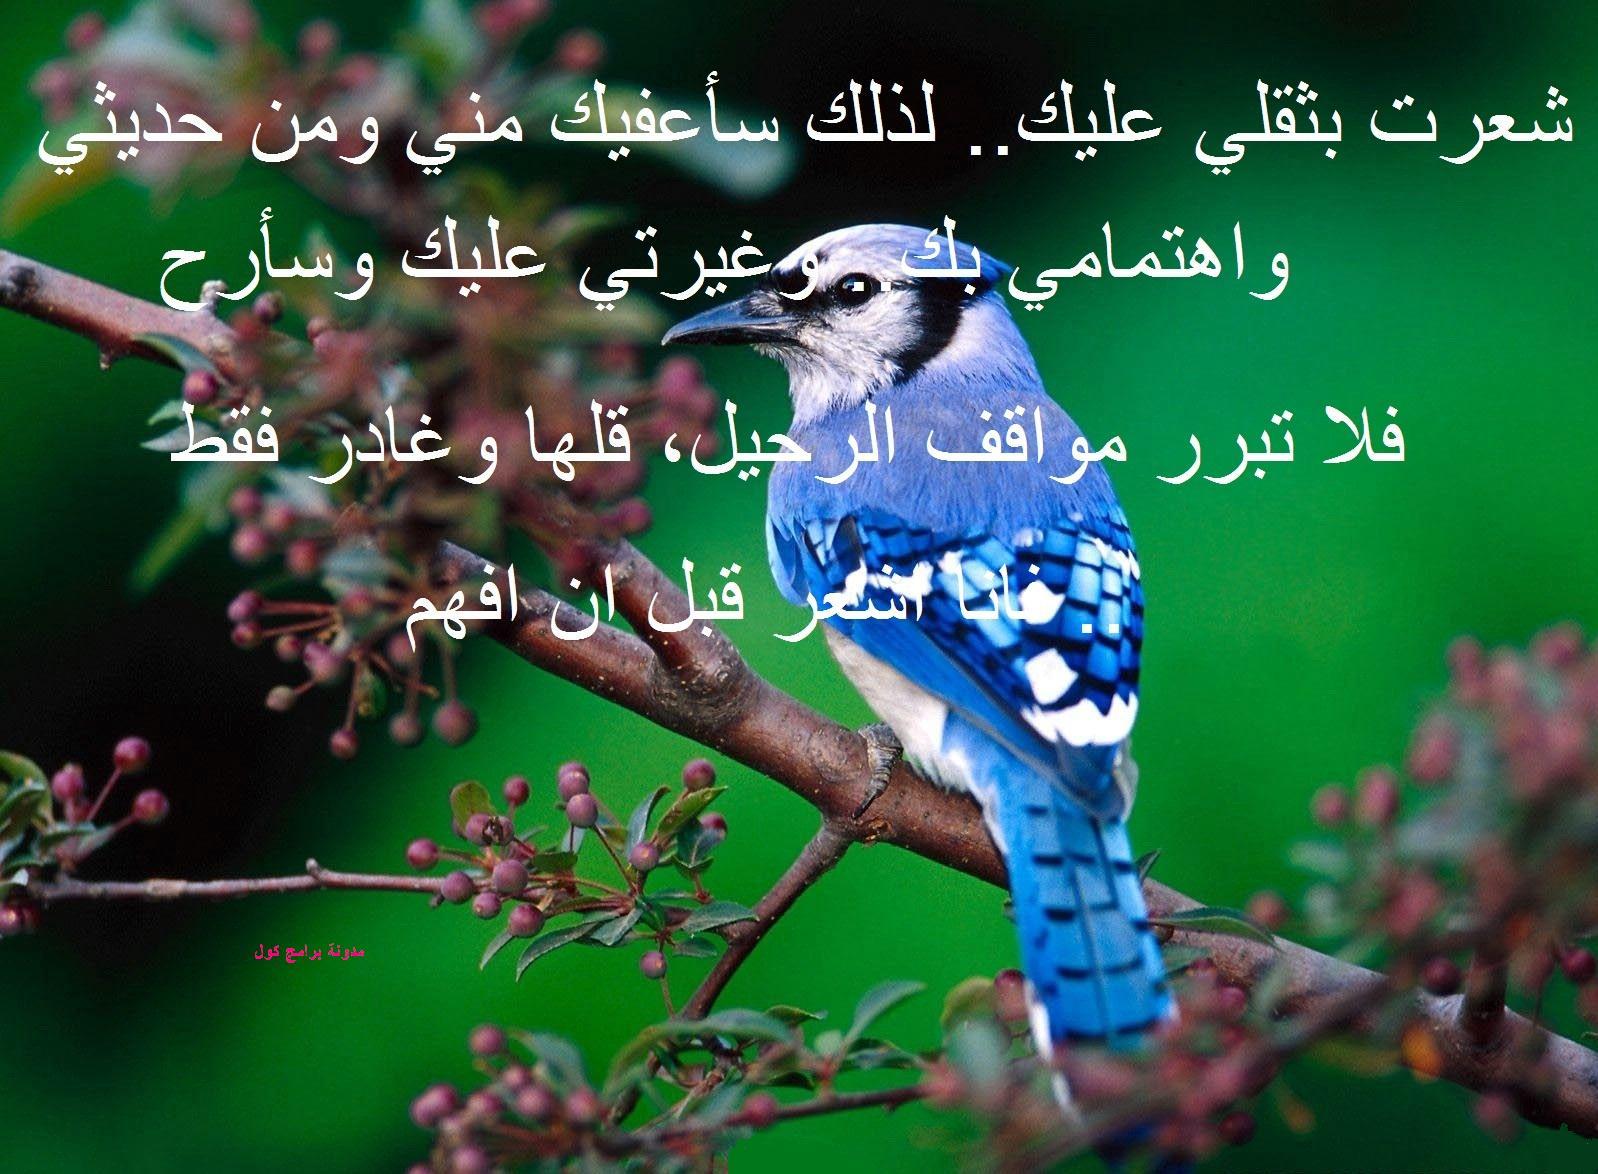 بالصور صور كلام عتاب , اصدق كلمات العتاب 3677 7